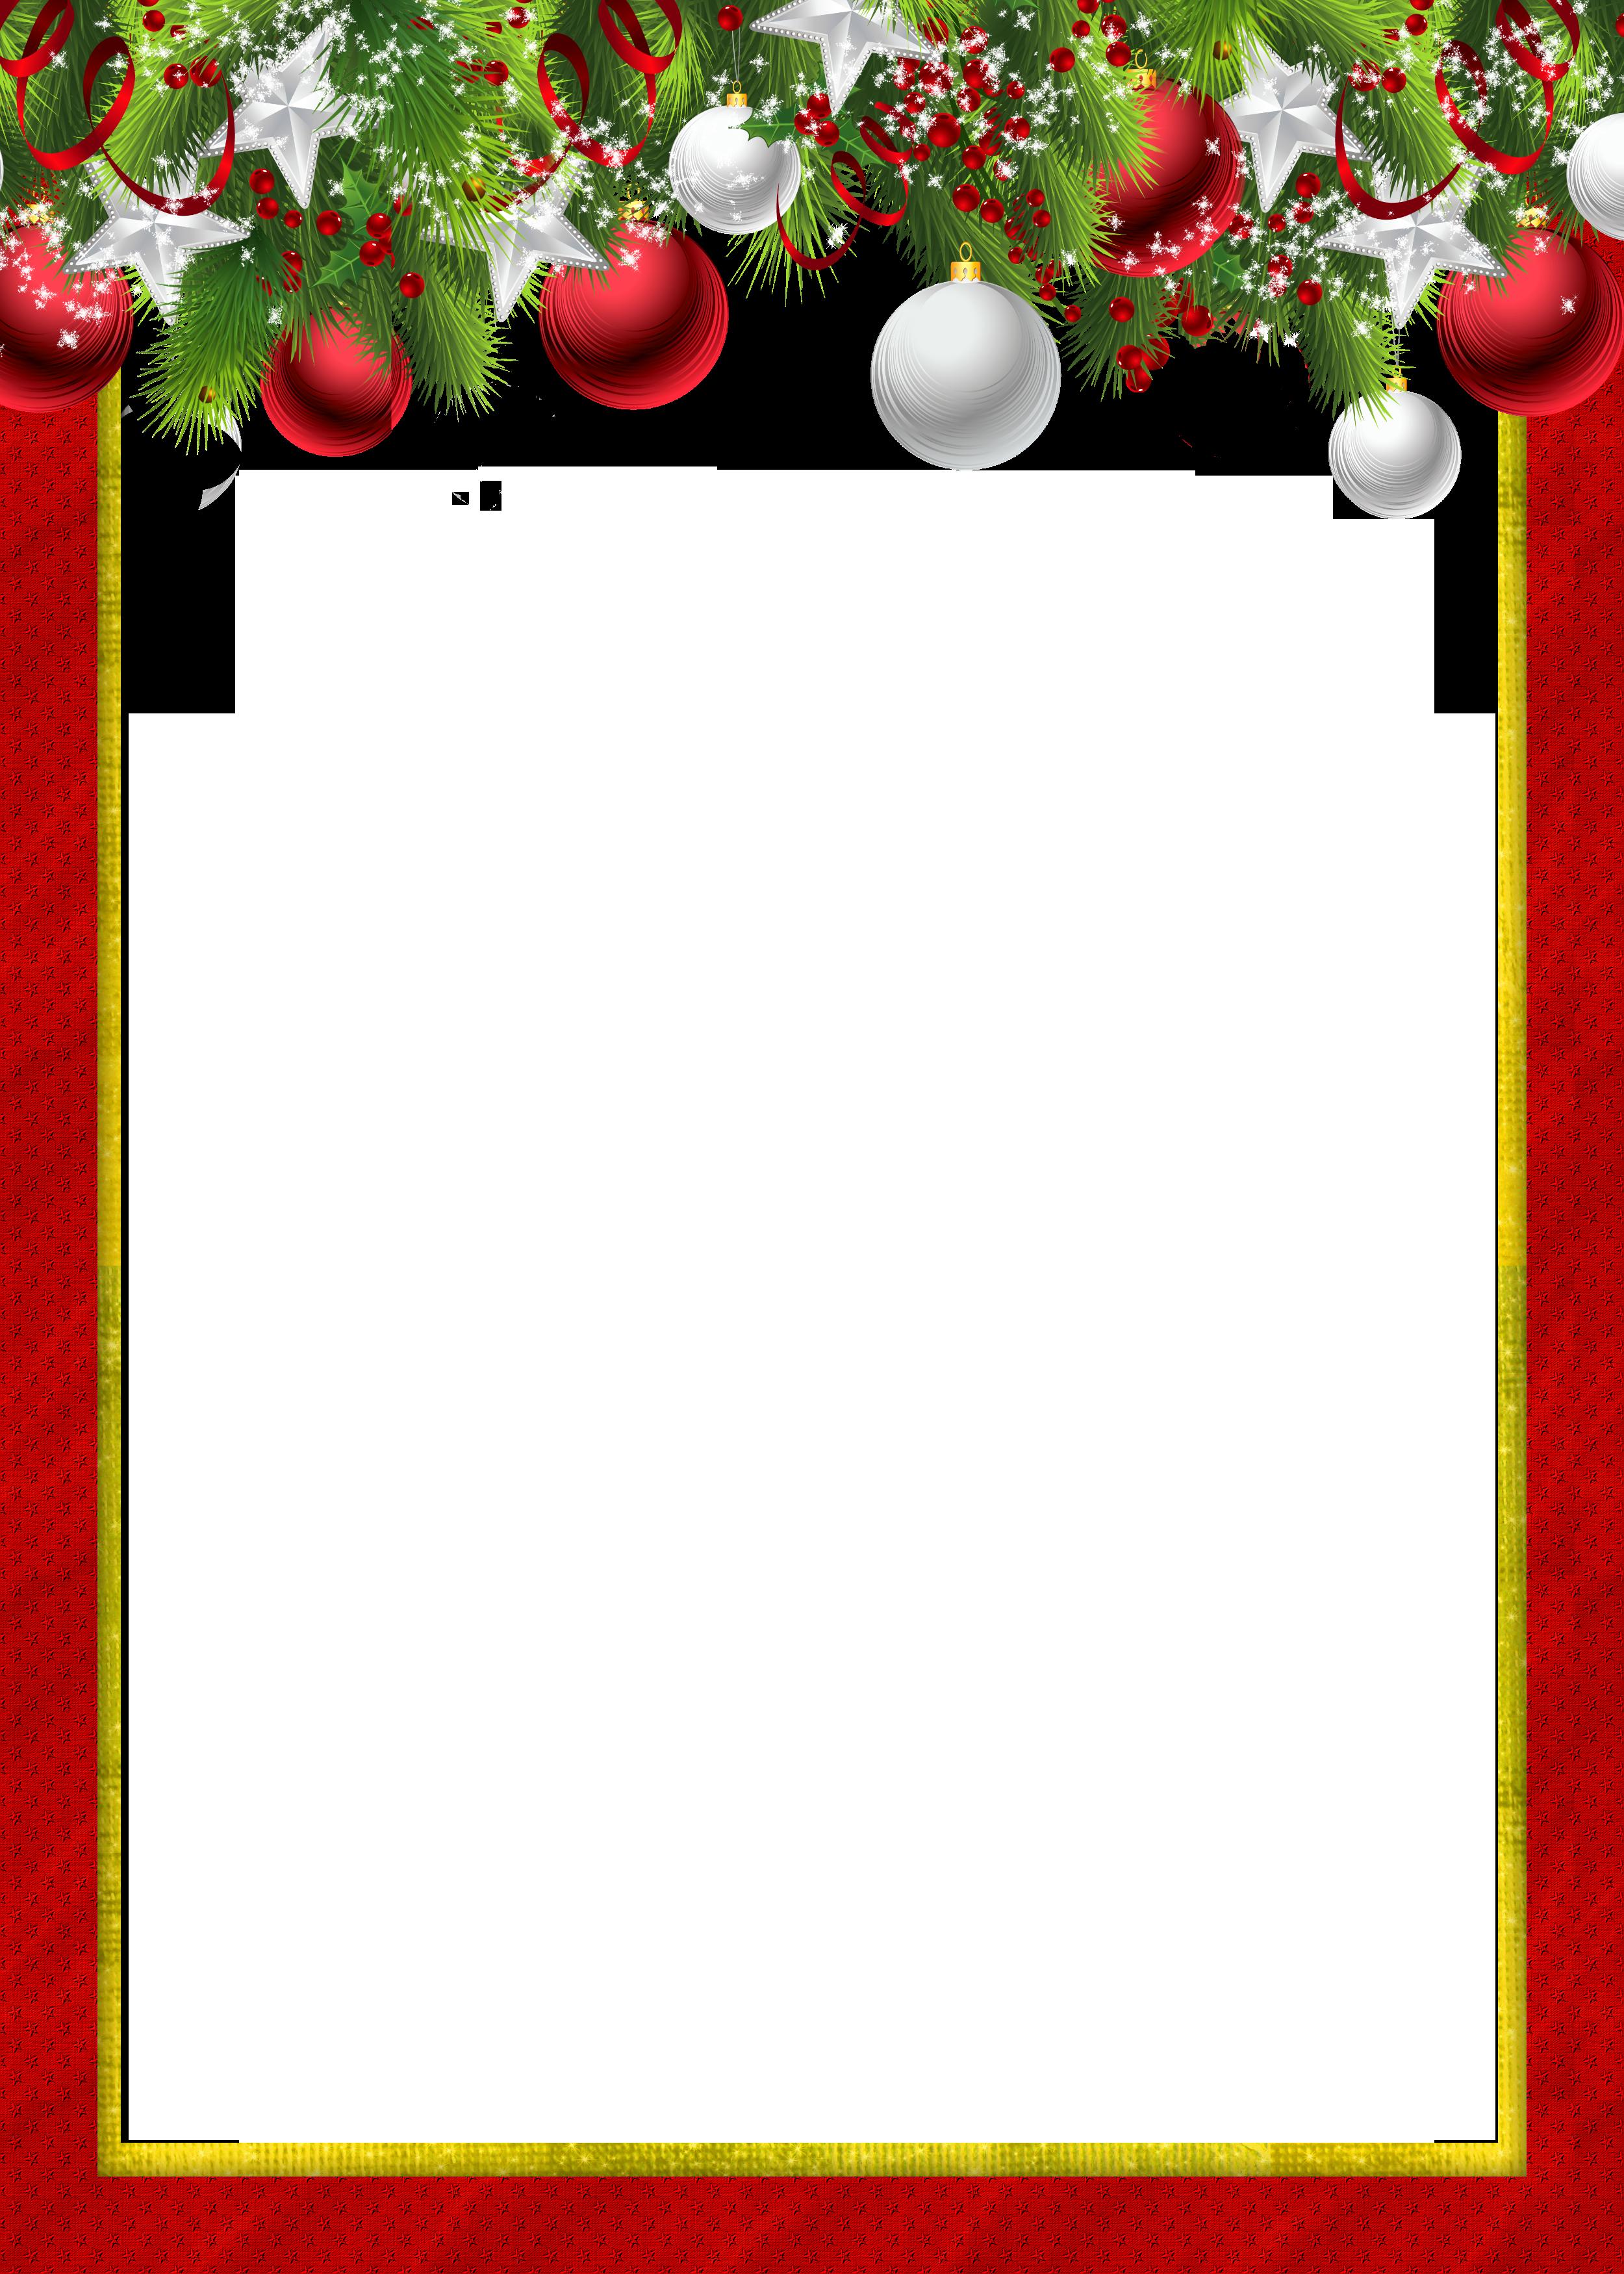 Pin by Rolescartago on Navidad.